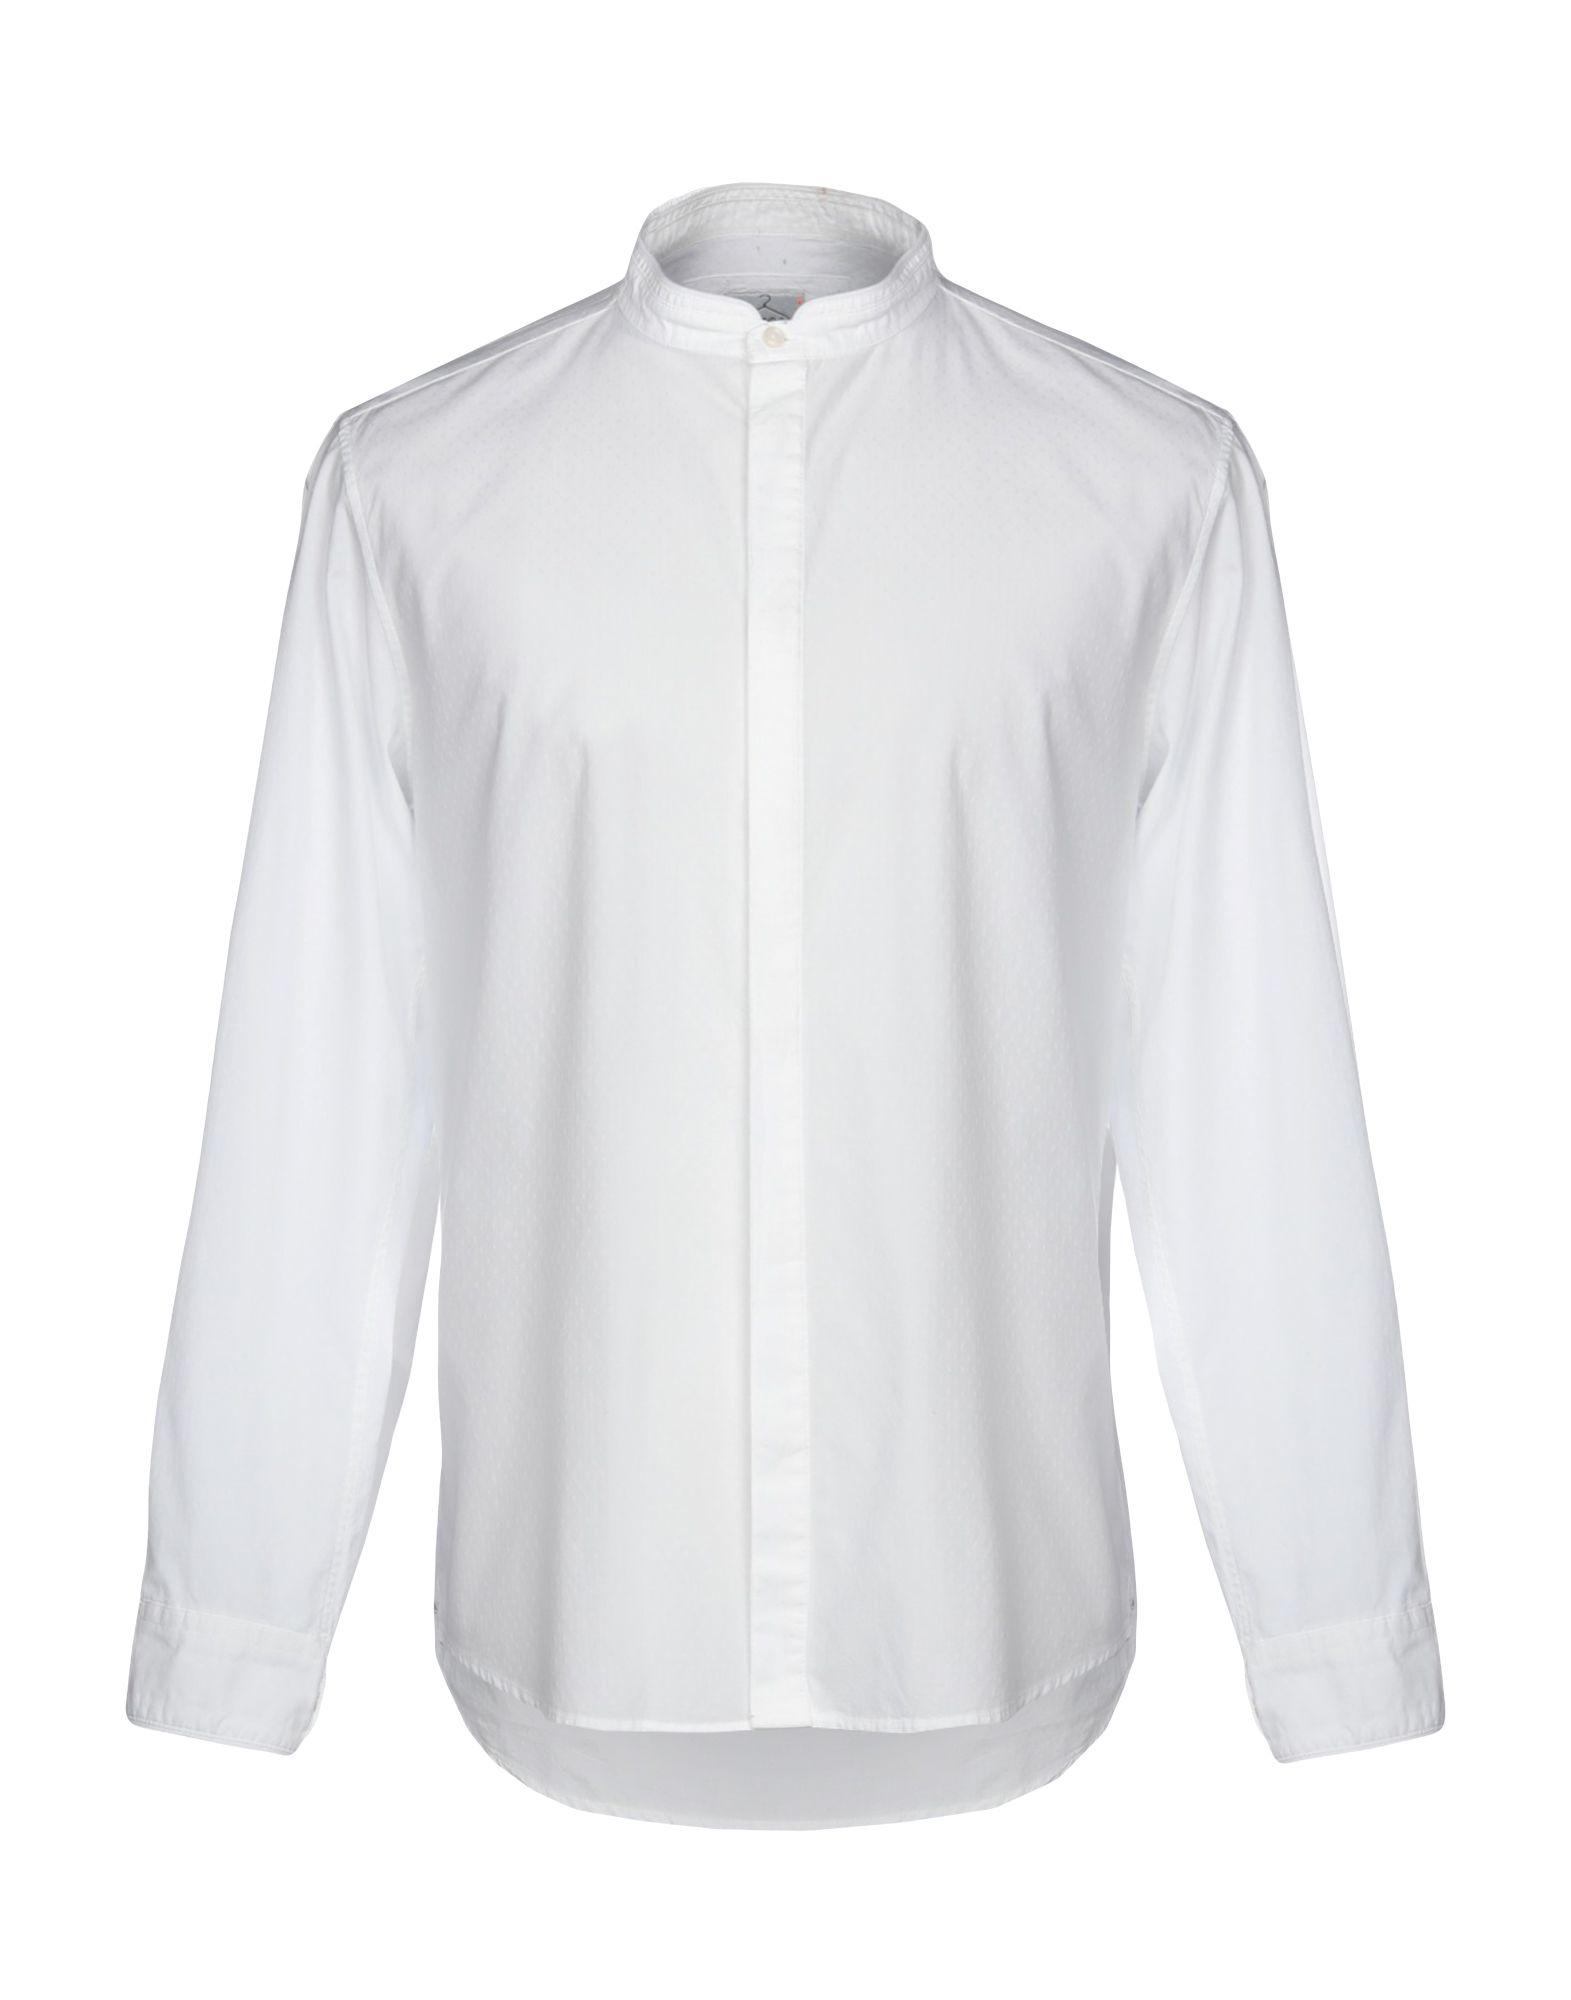 《期間限定セール中》BERNA メンズ シャツ ホワイト L 100% コットン